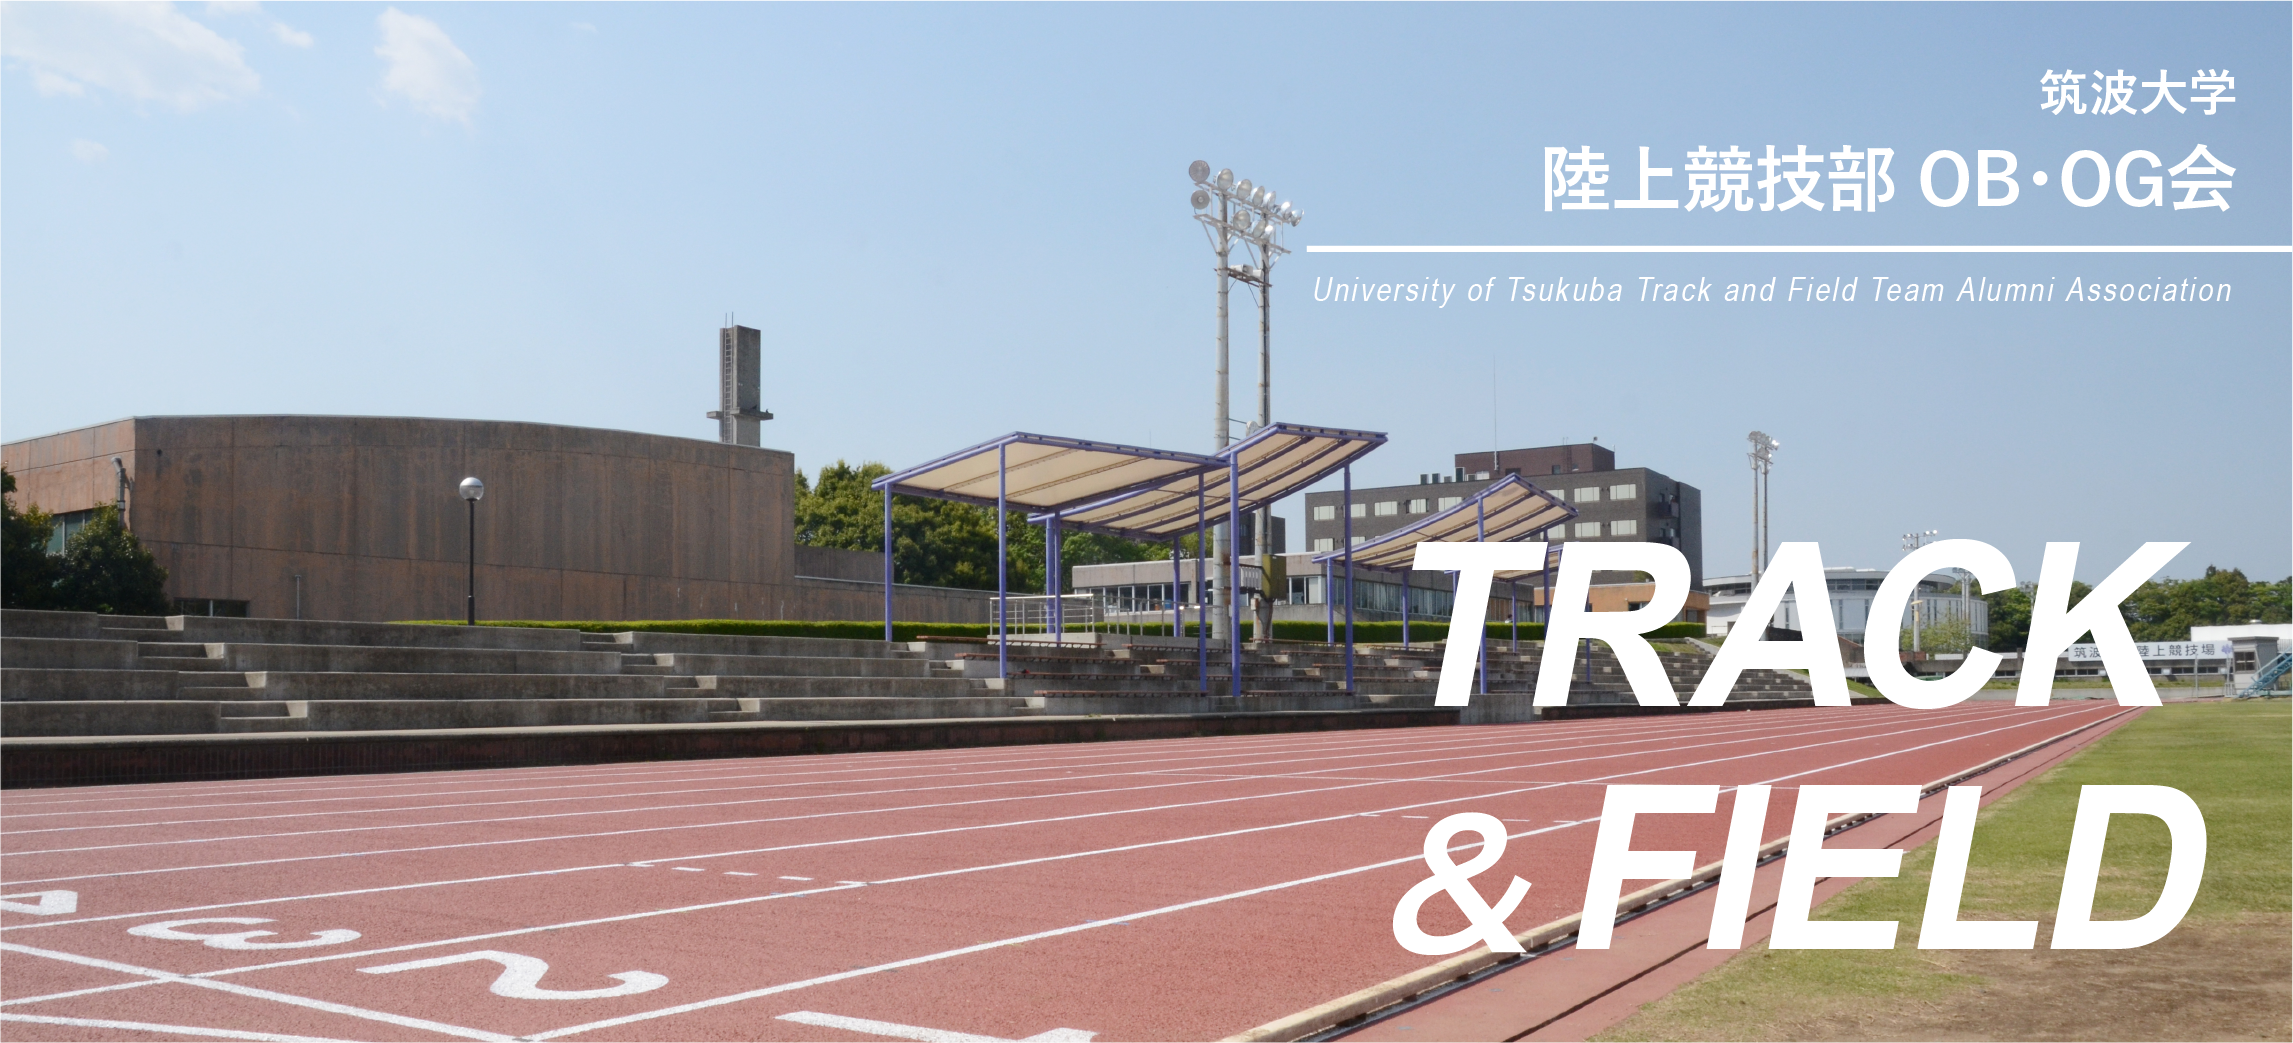 筑波大学陸上競技部OB・OG会